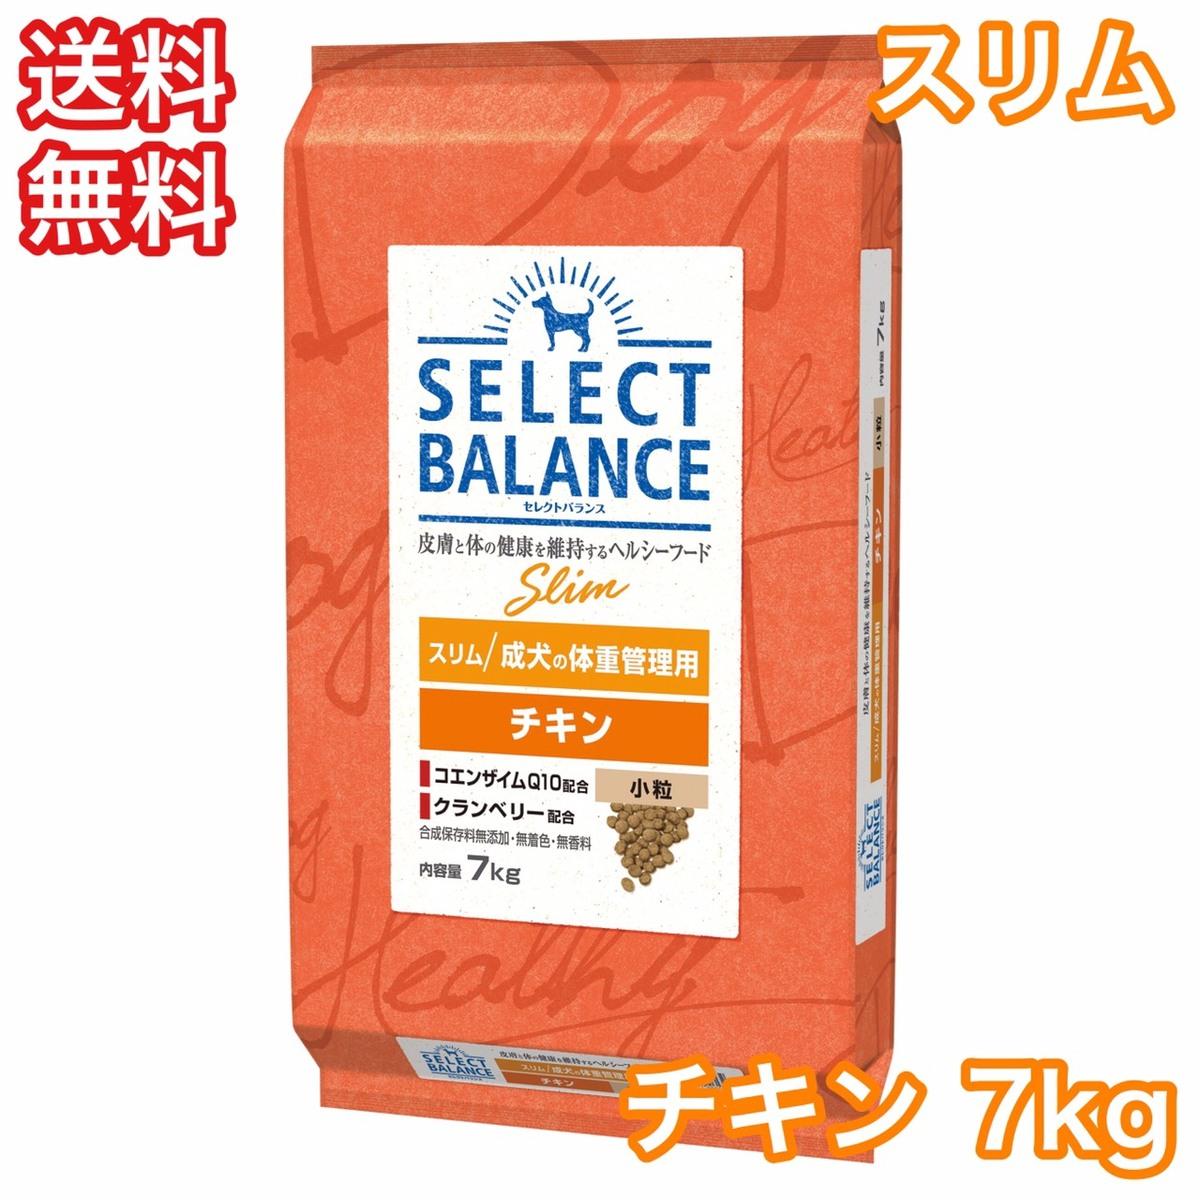 セレクトバランス チキン スリム 小粒 7kg ドッグフード アダルト 成犬 体重調整 ダイエット 避妊 去勢